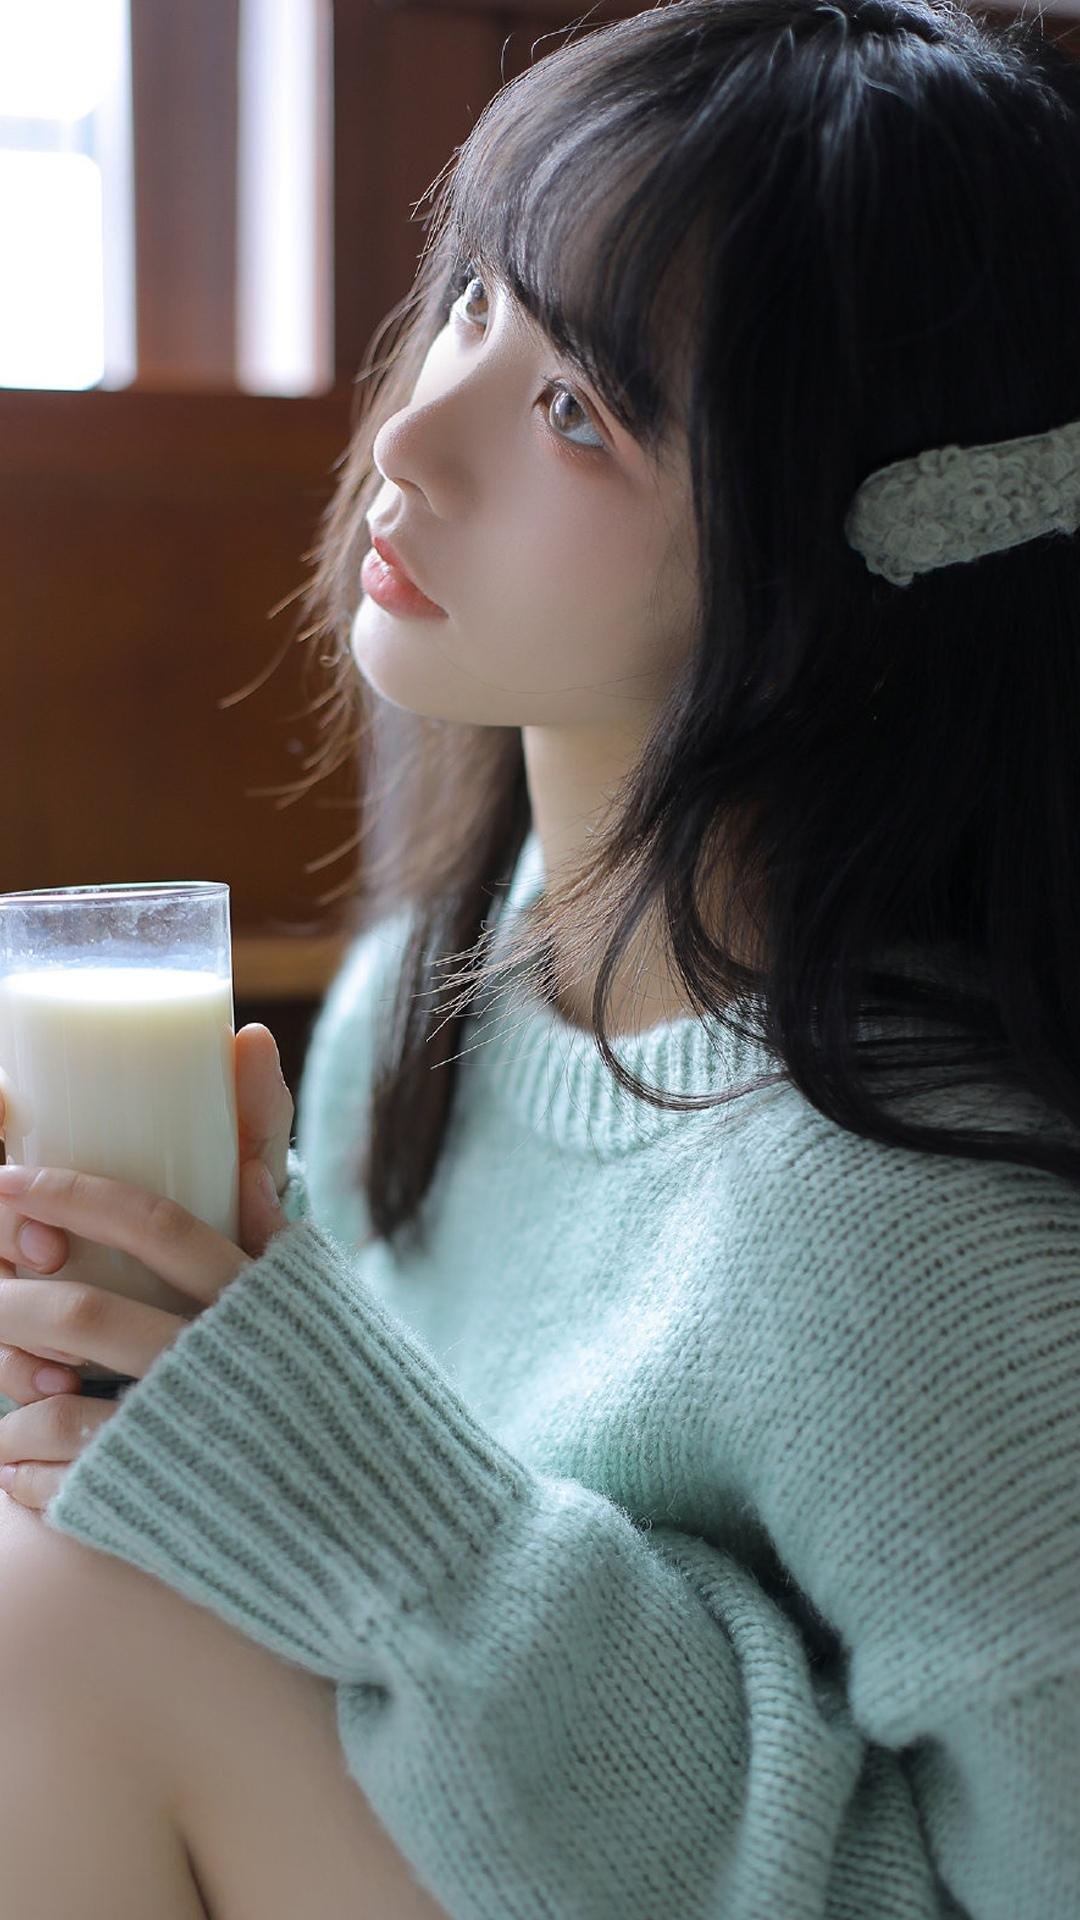 牛肌美女清纯甜美写真